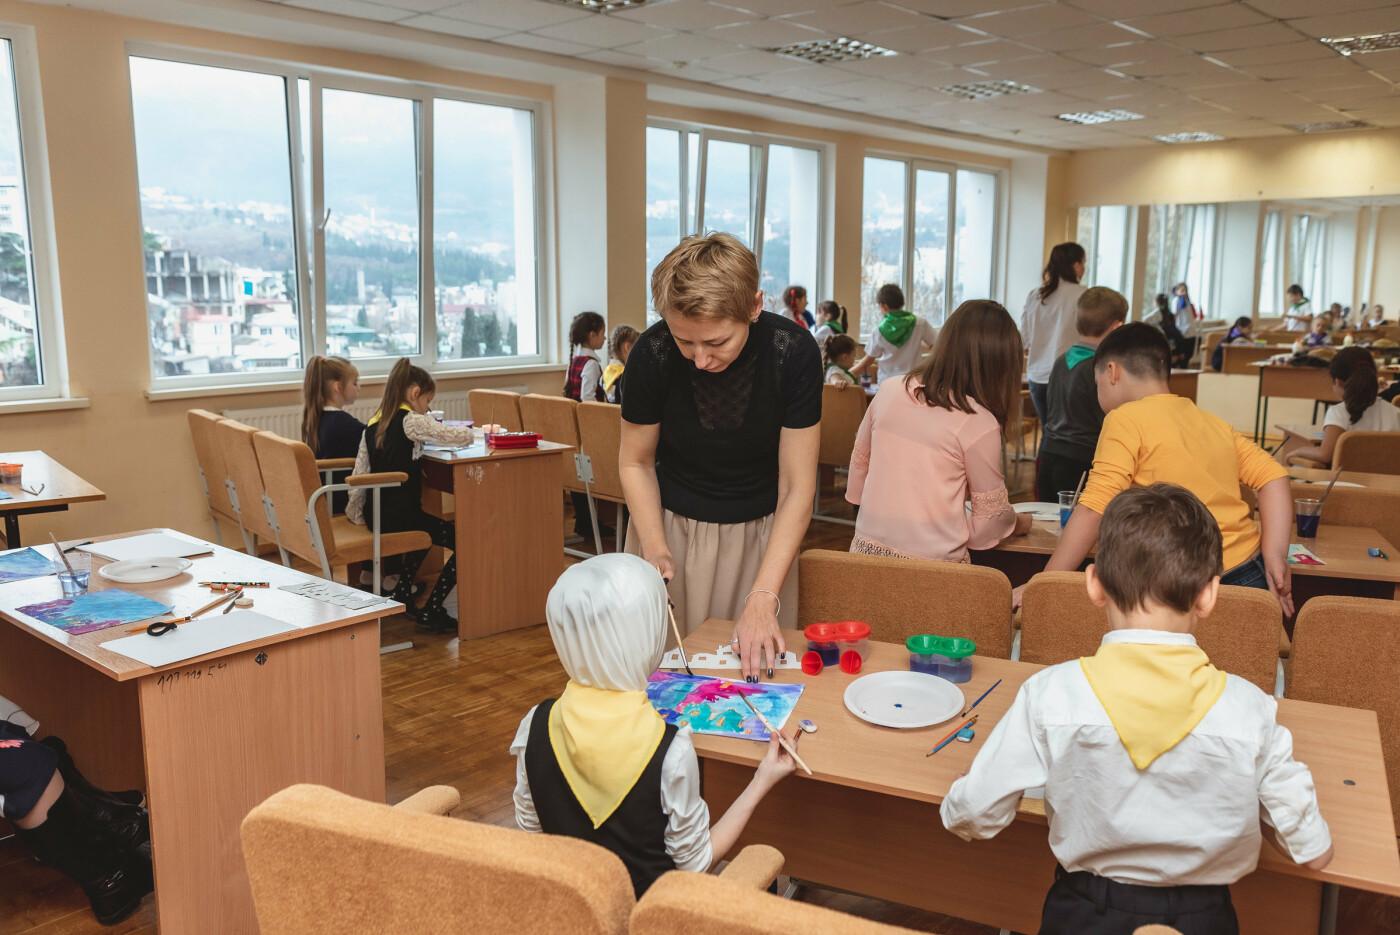 В Ялтинской школе № 1 для школьников провели художественный мастер-класс, фото-2